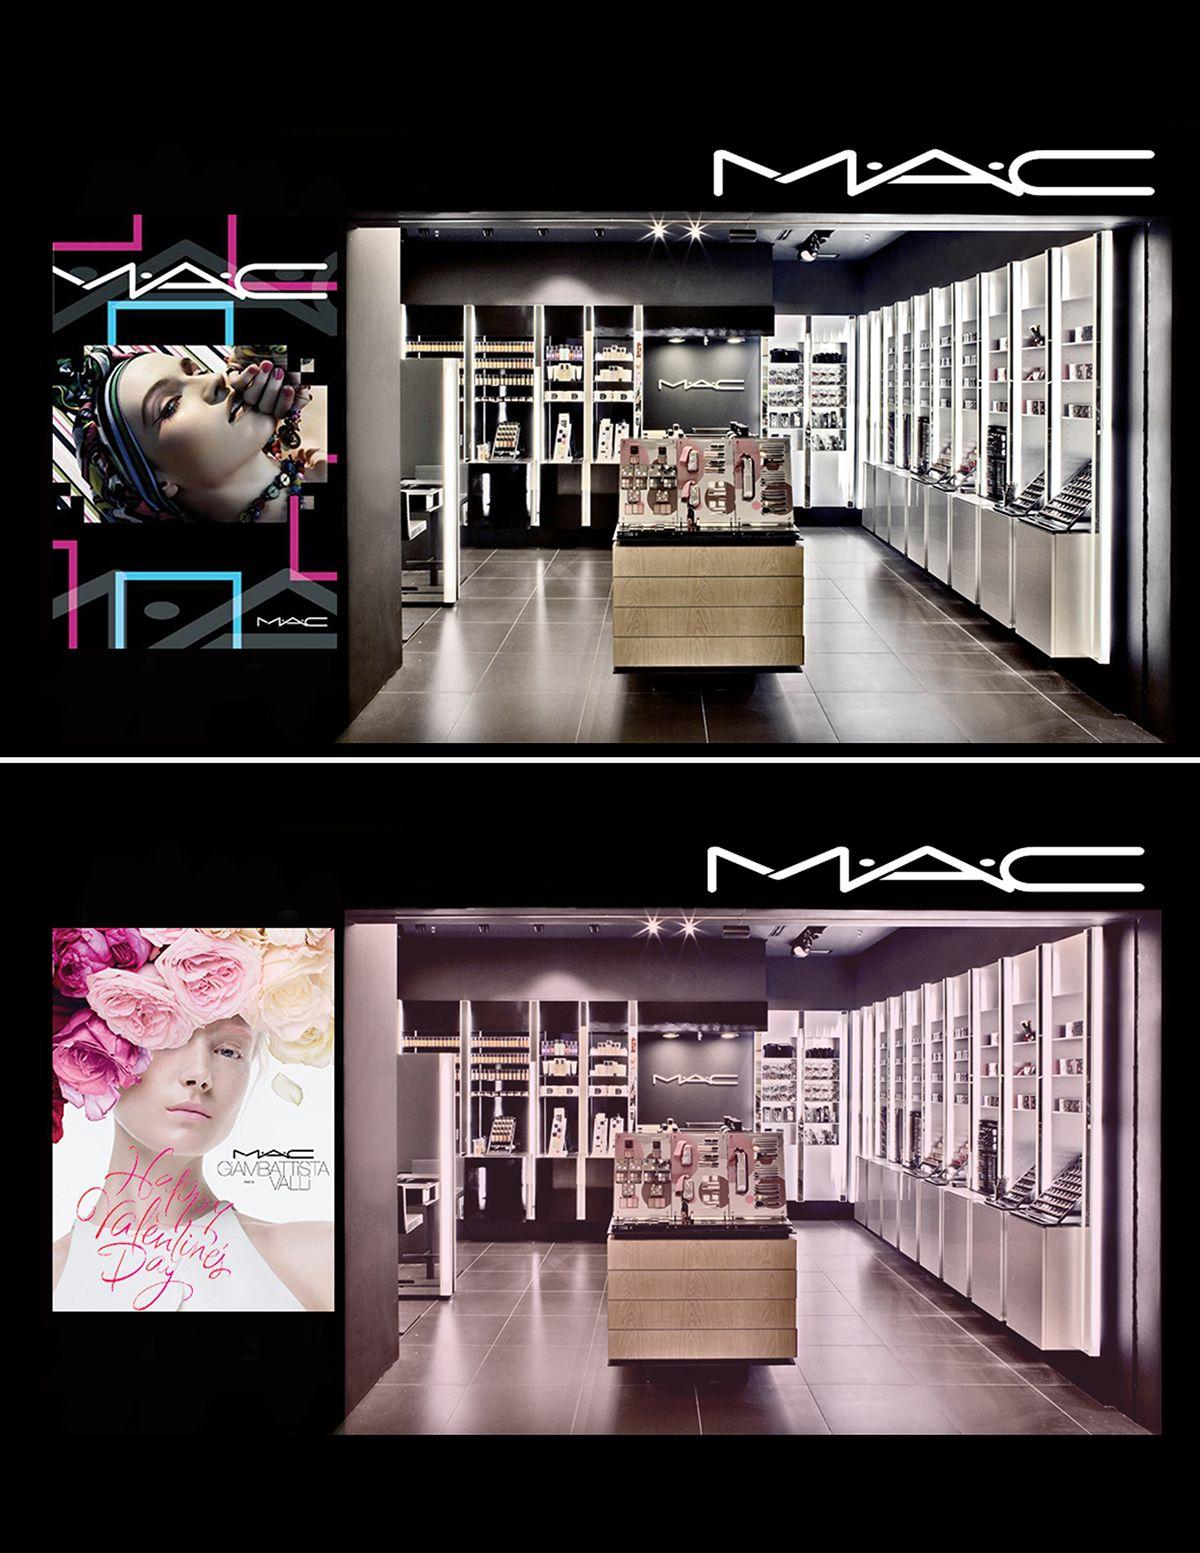 baa89cb9e Kate Spade, Mac Cosmetics - Window Display on Behance | retail in ...